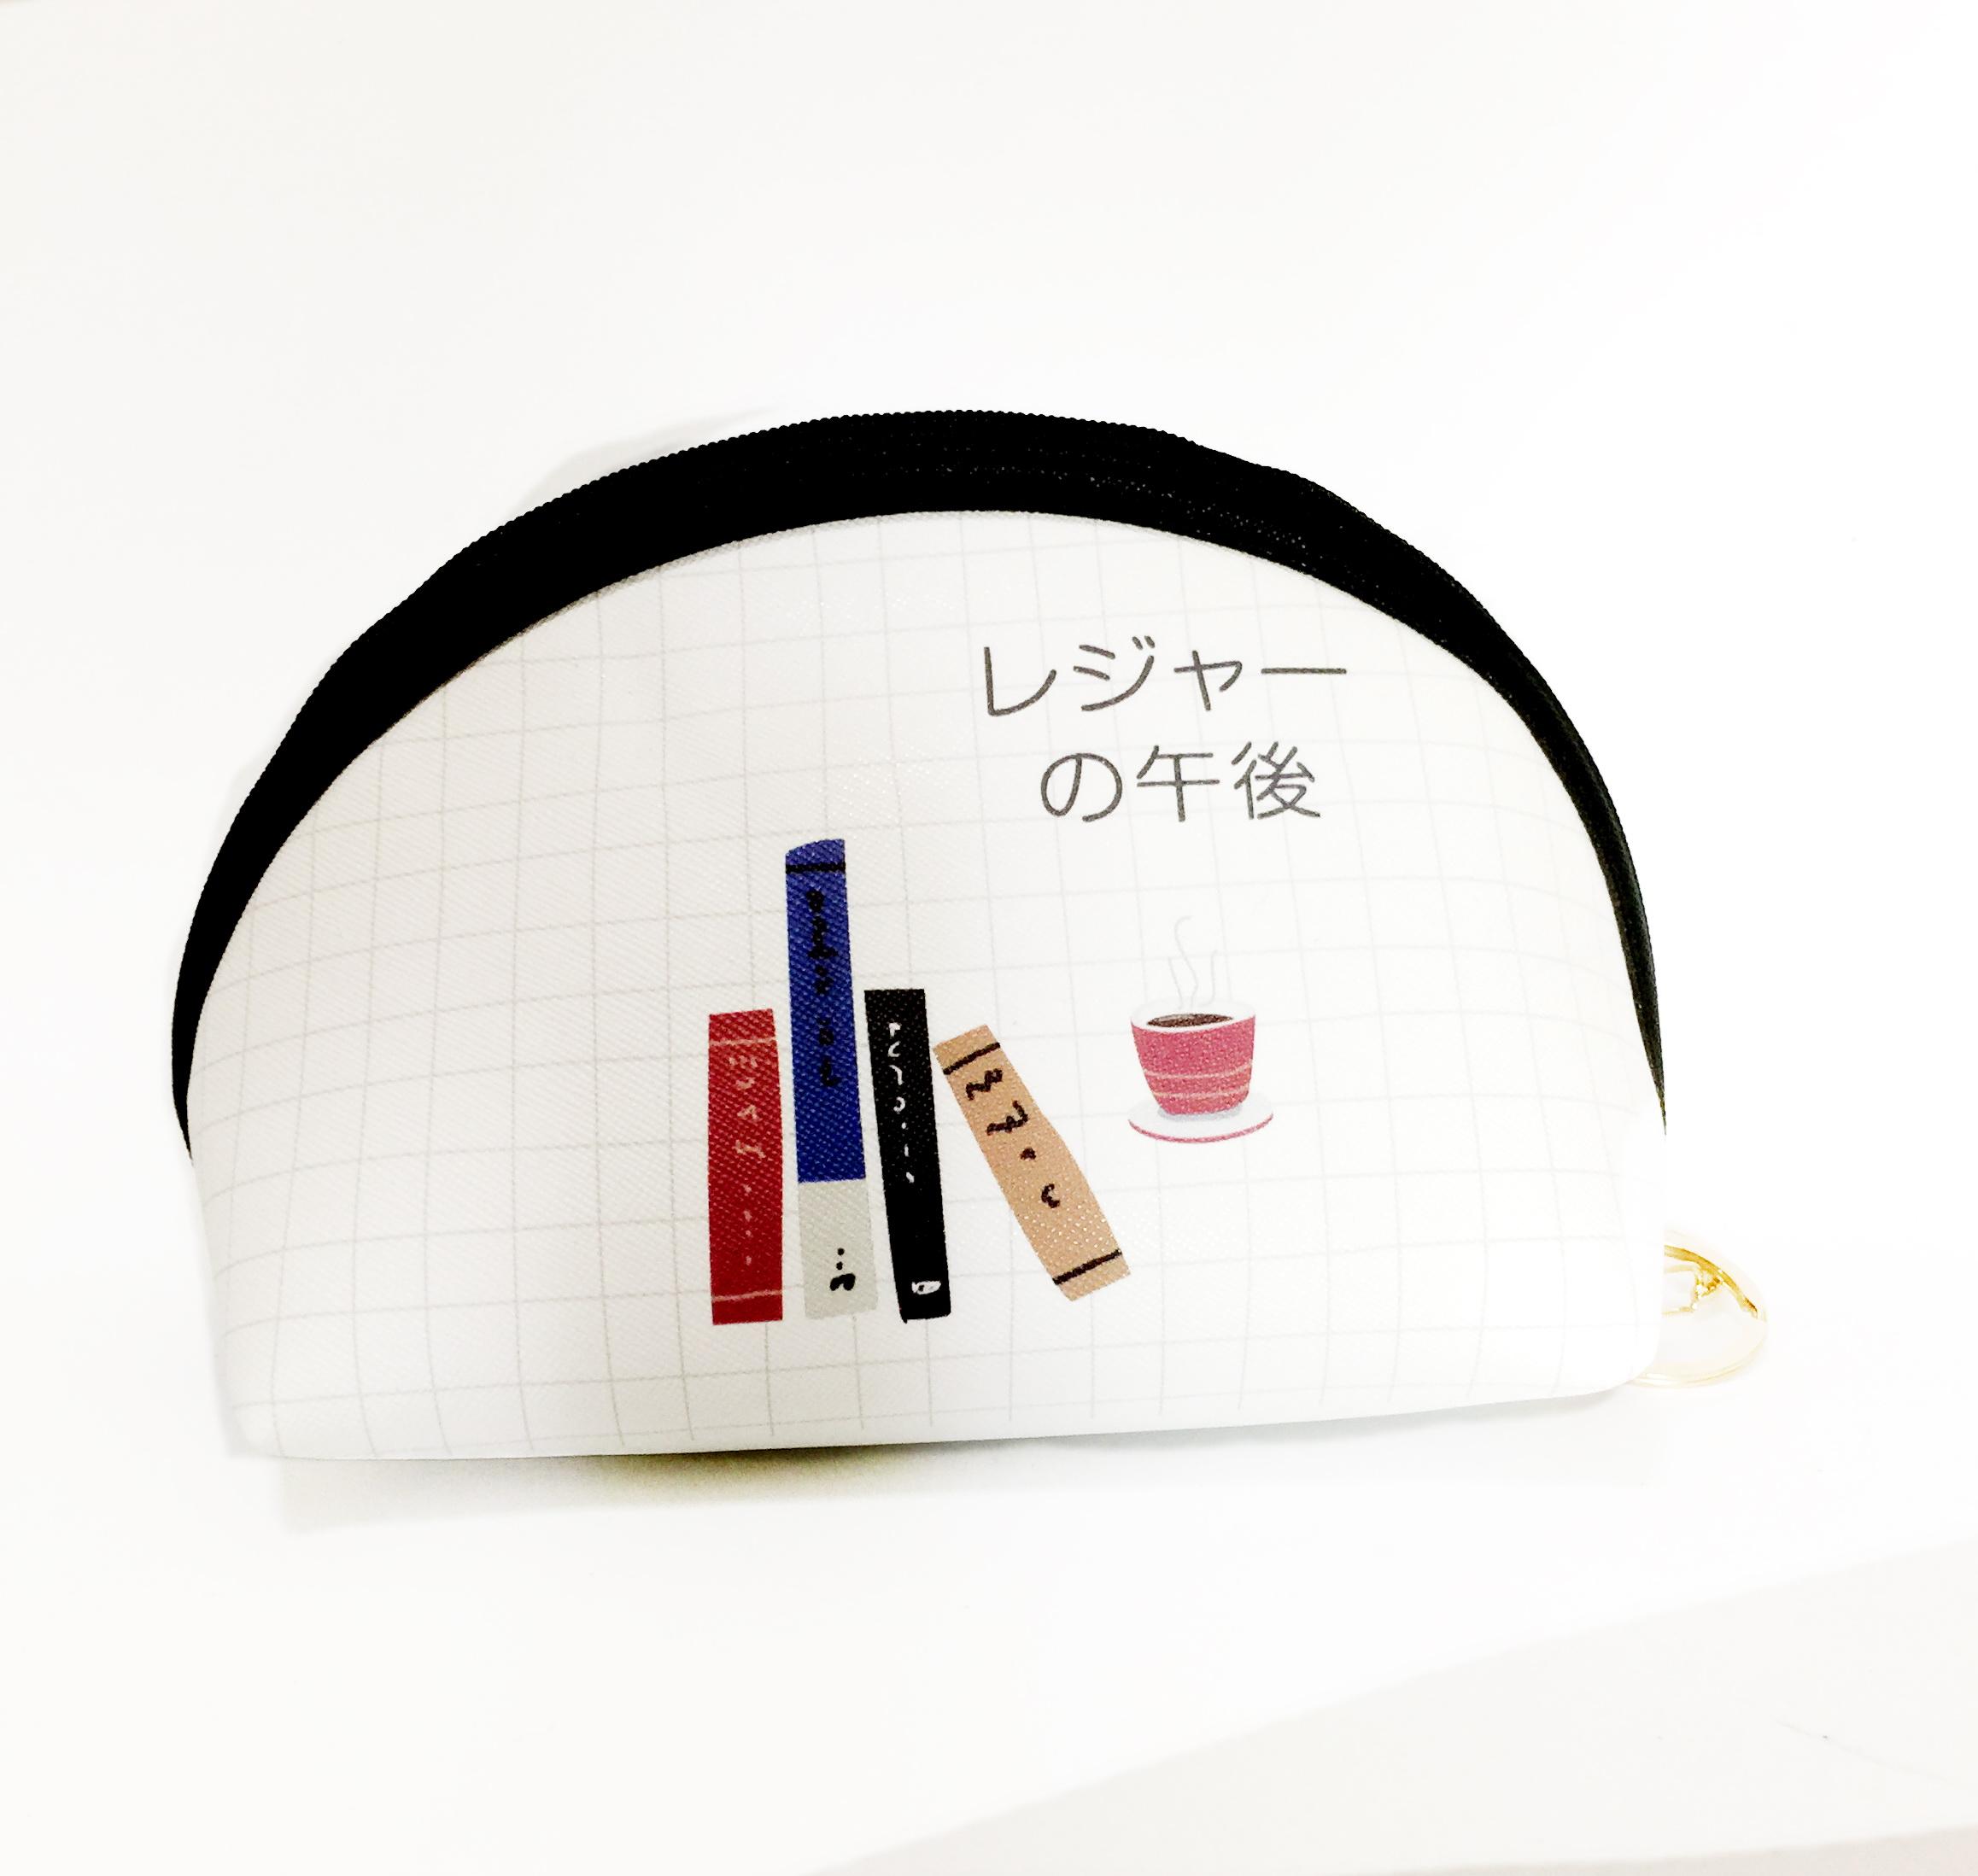 กระเป๋าเครื่องสำอางค์(ราคา/ใบ)